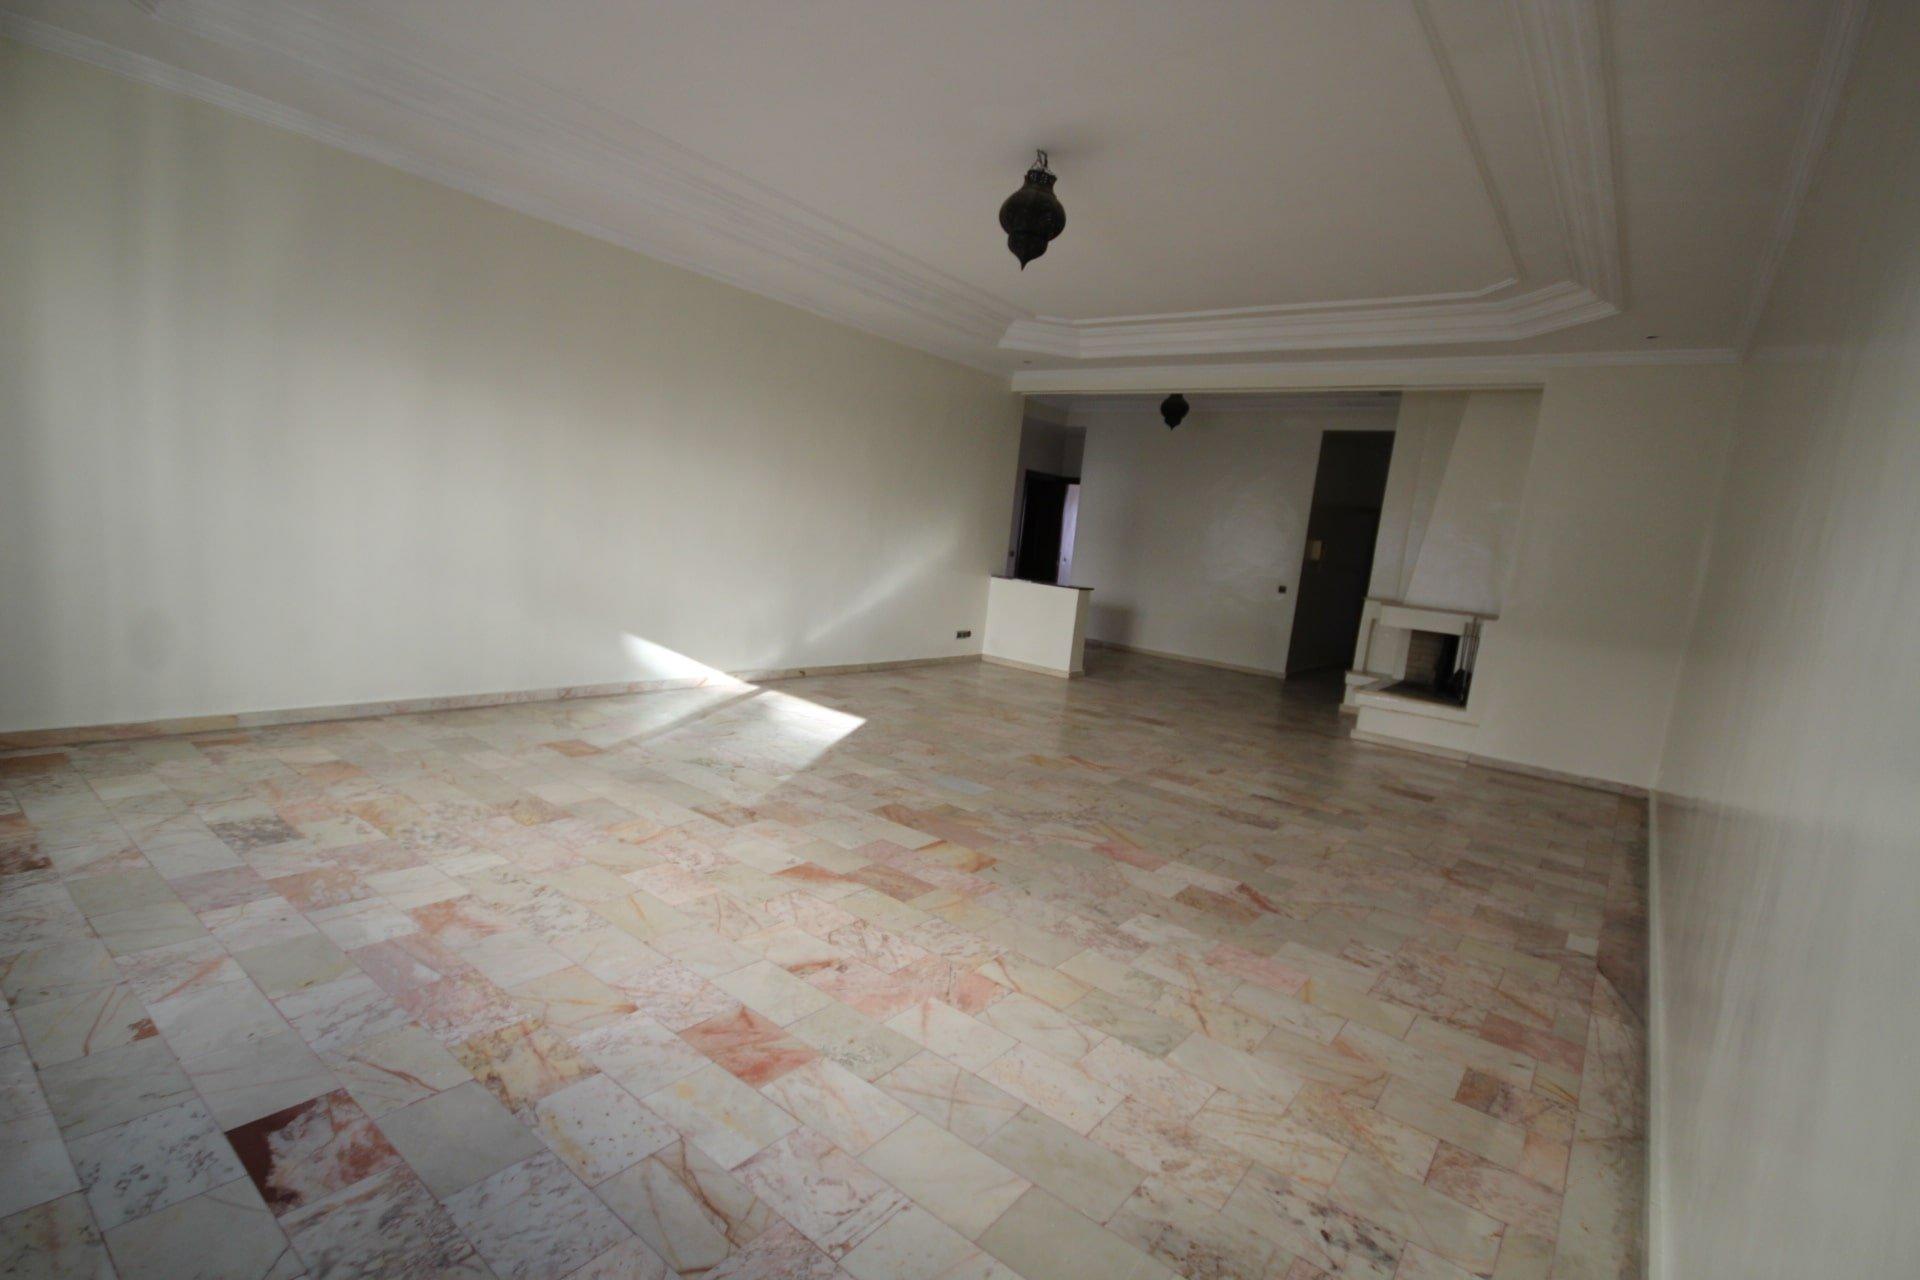 secteur Abdelmoumen à louer vaste appartement 3 chambres de 160 m² (proche des banques)